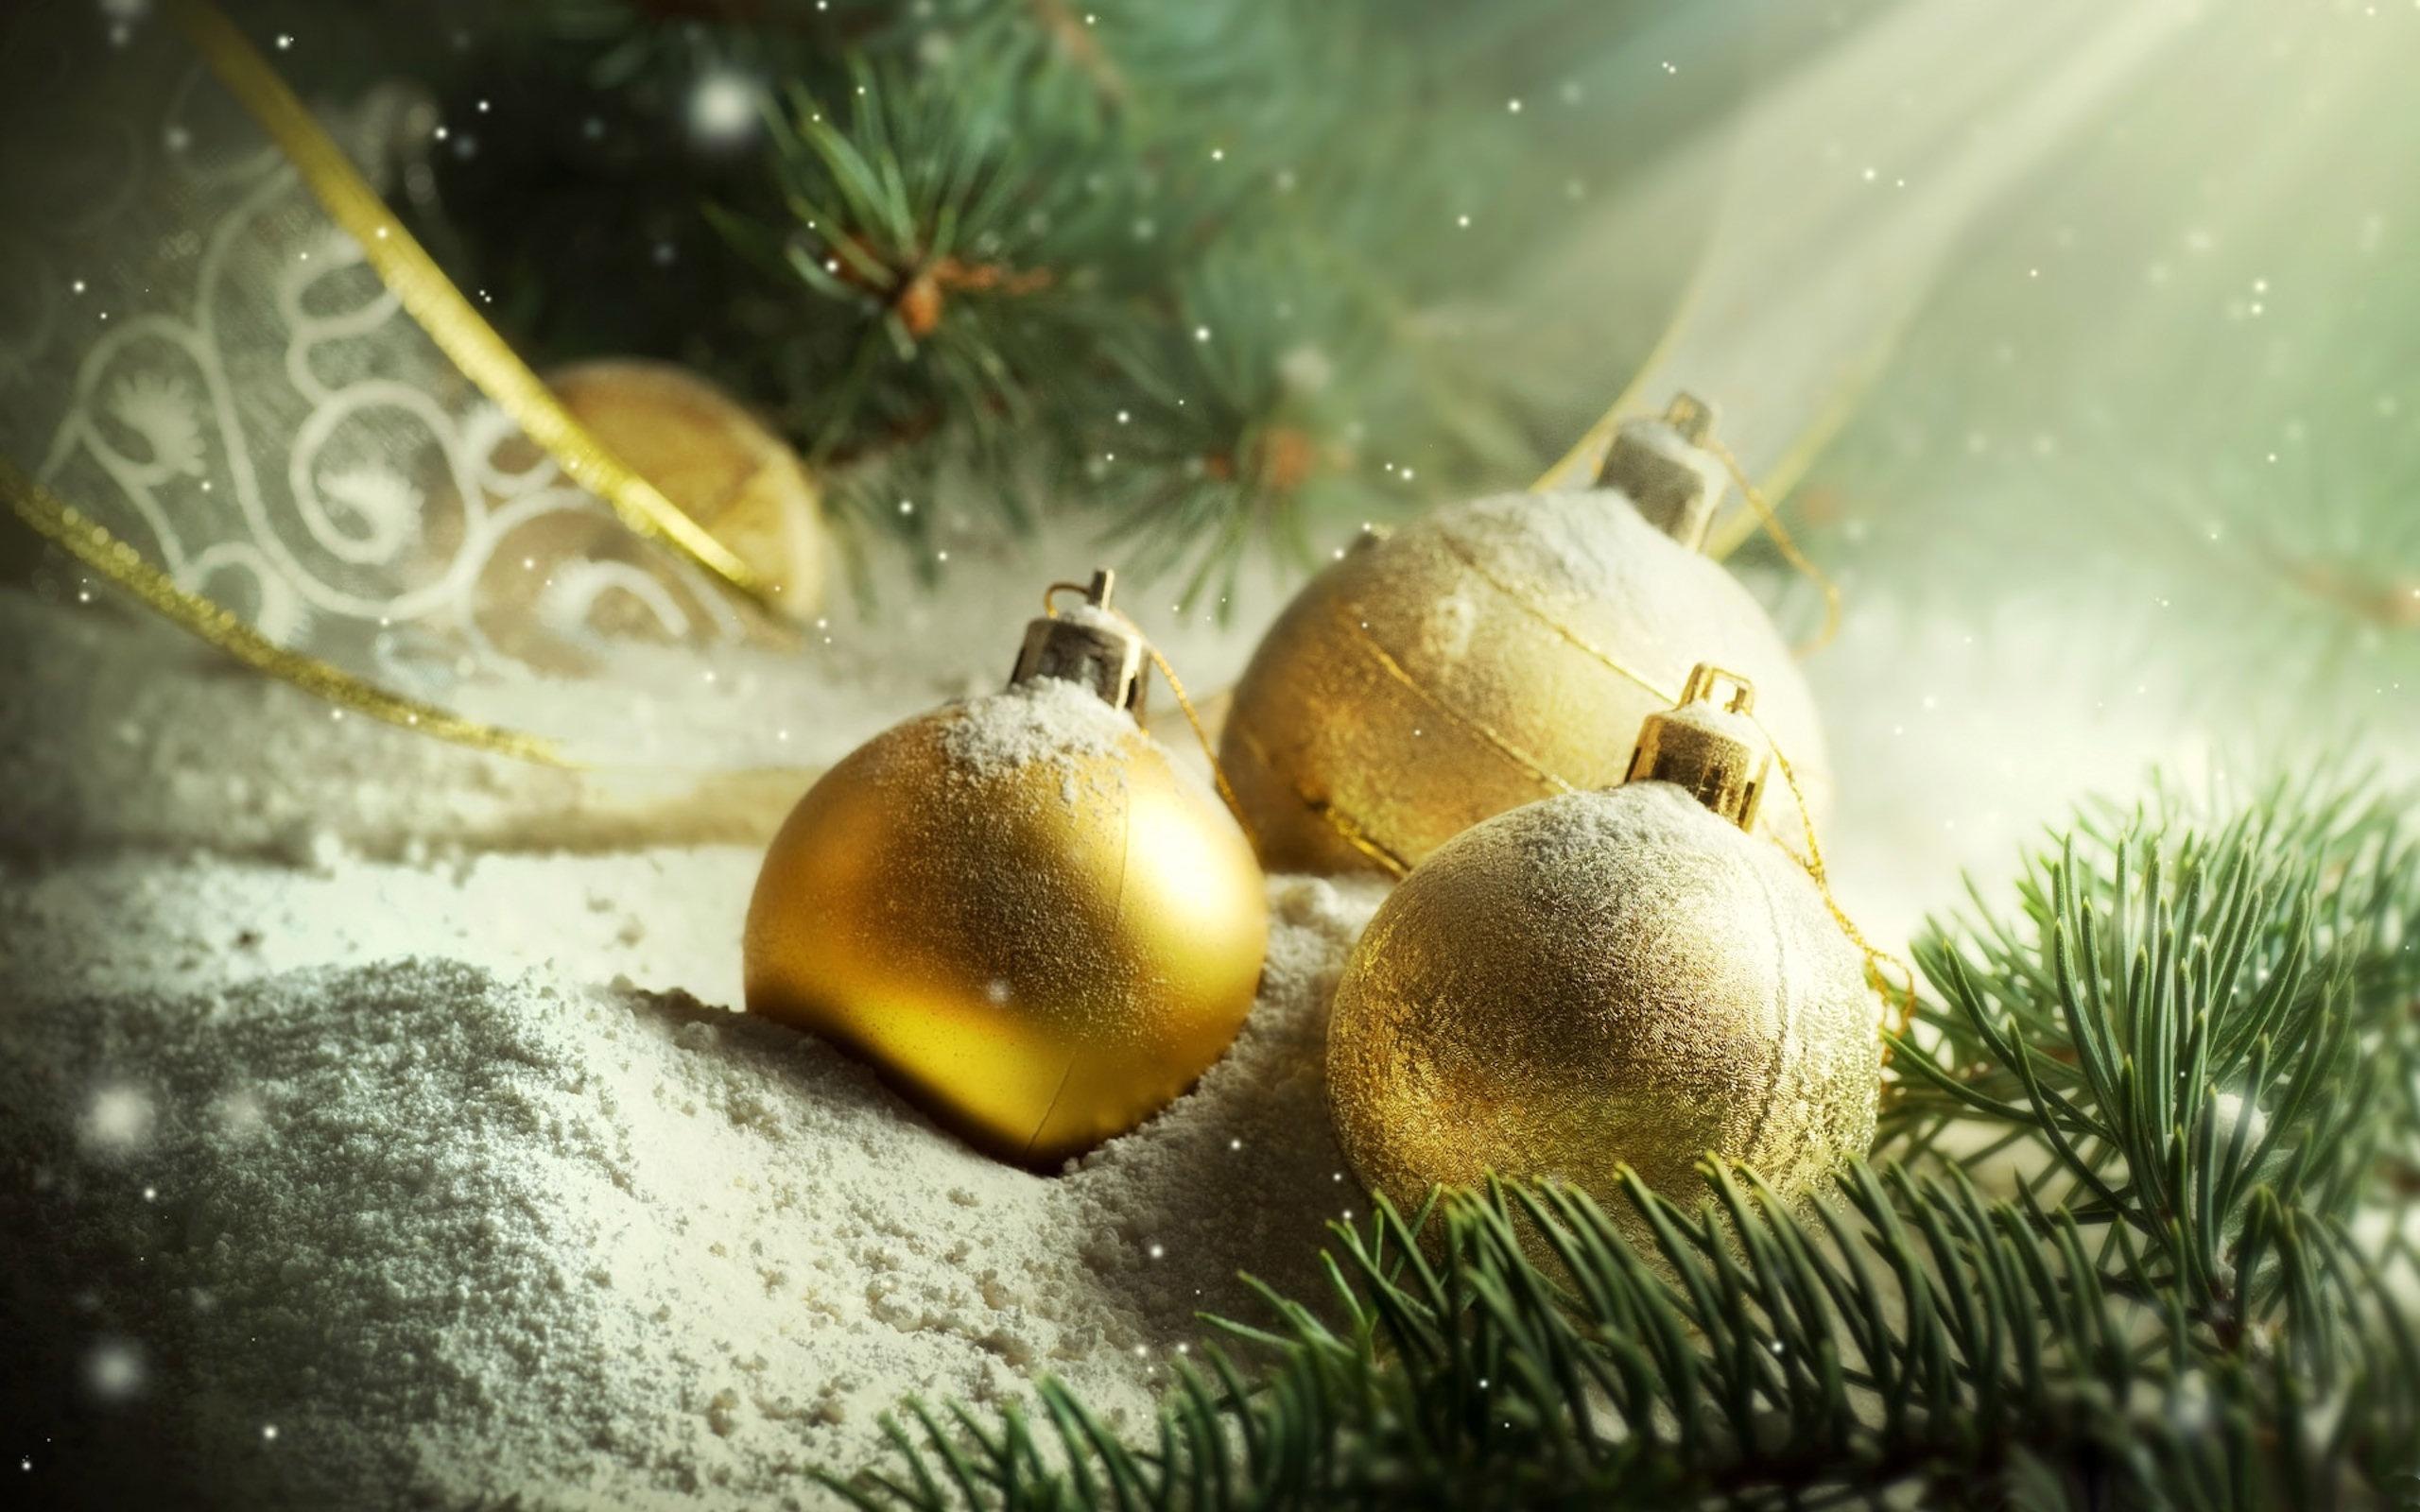 big 3cb159e8bb29c0f66800e1f67a5e5fc3029040cd مجموعه تصاویر کریسمس در سال 2013 (20 تصویر)